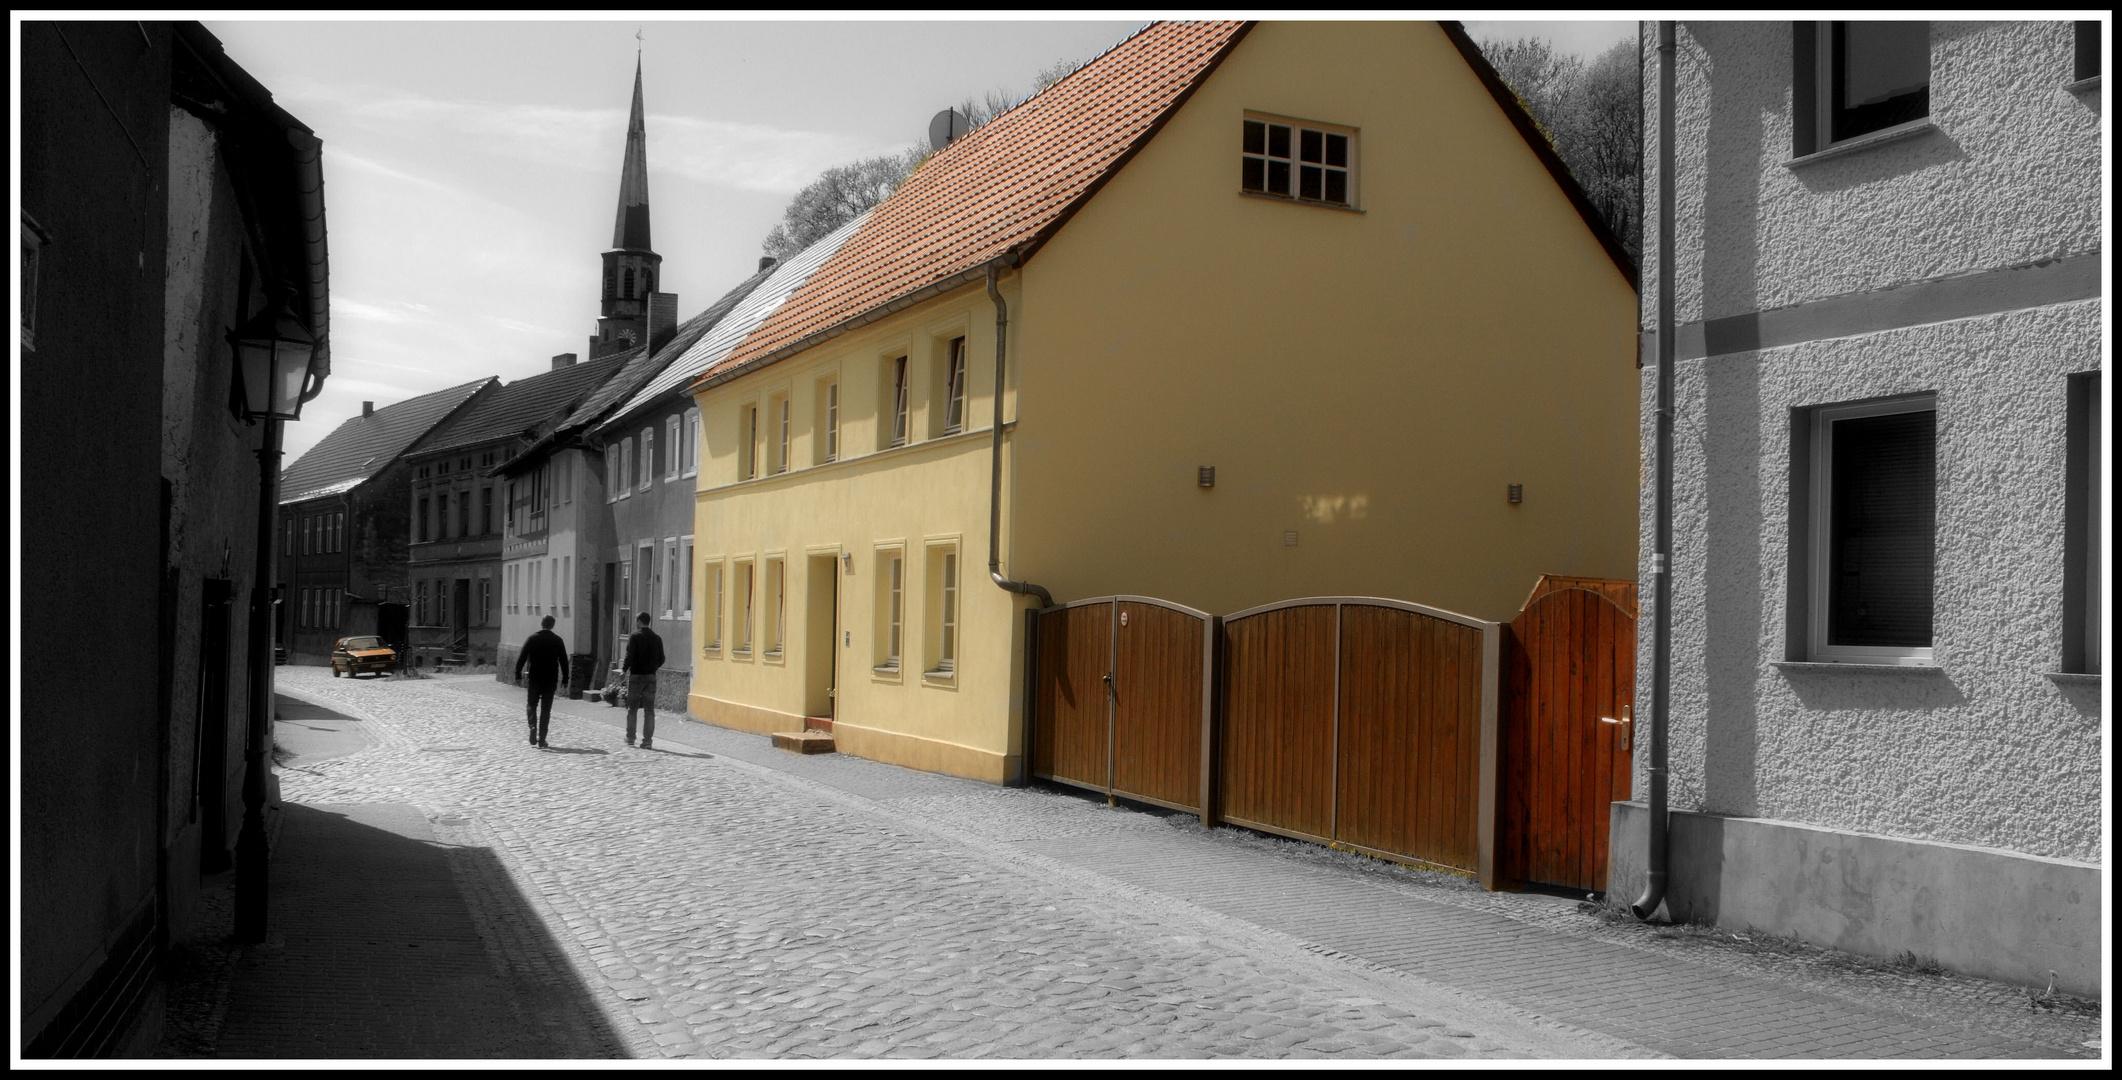 Haus Oderberg II